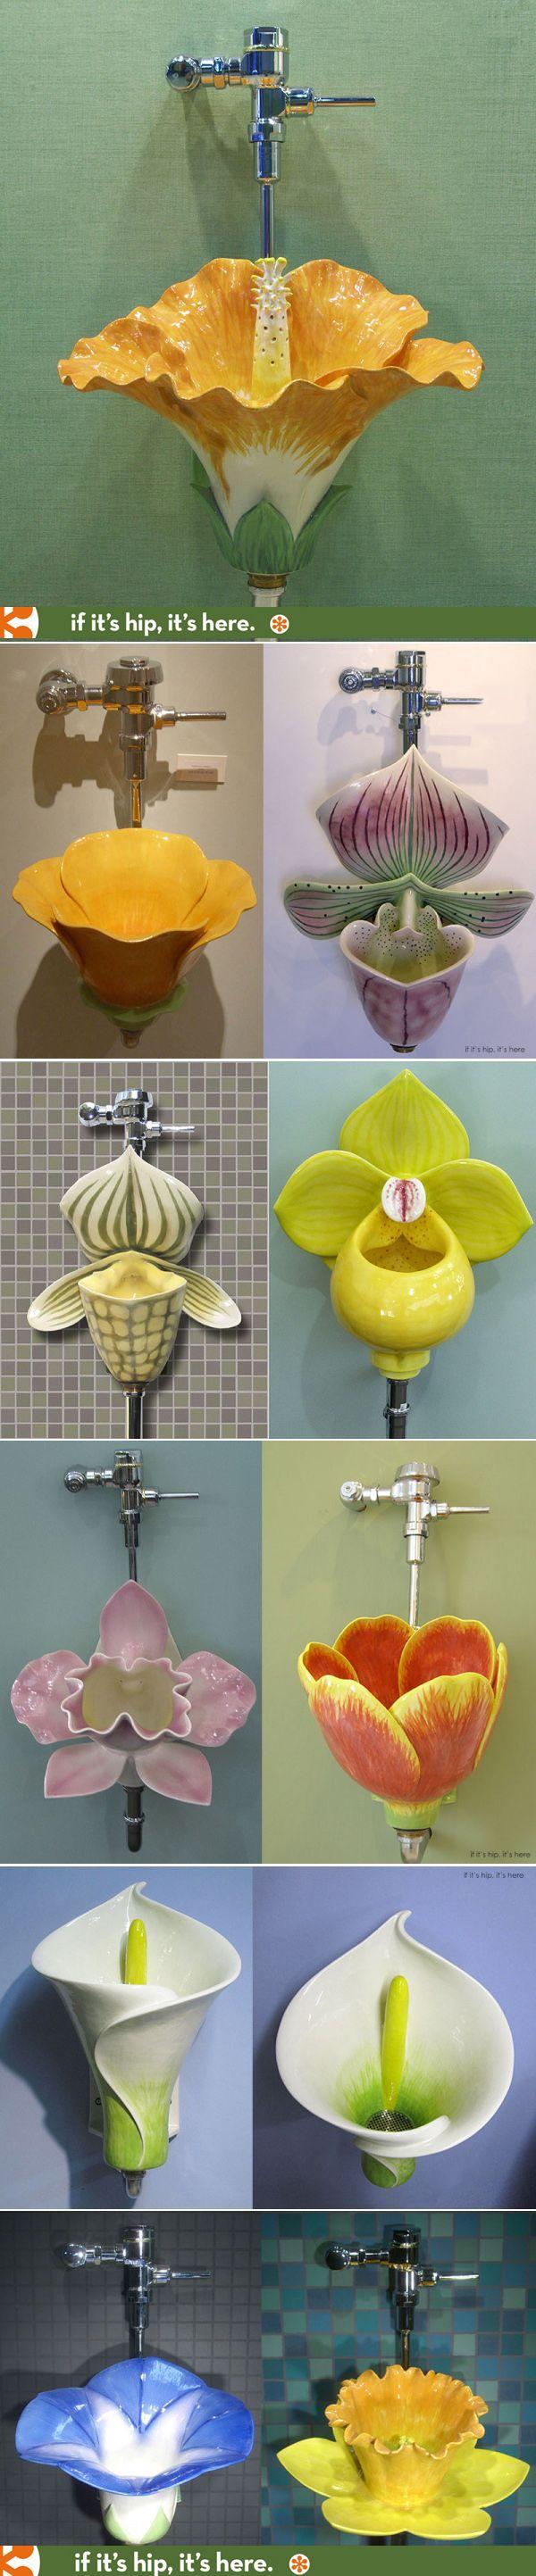 Amazing Flower Urinals. | http://www.ifitshipitshere.com/flower-urinals/